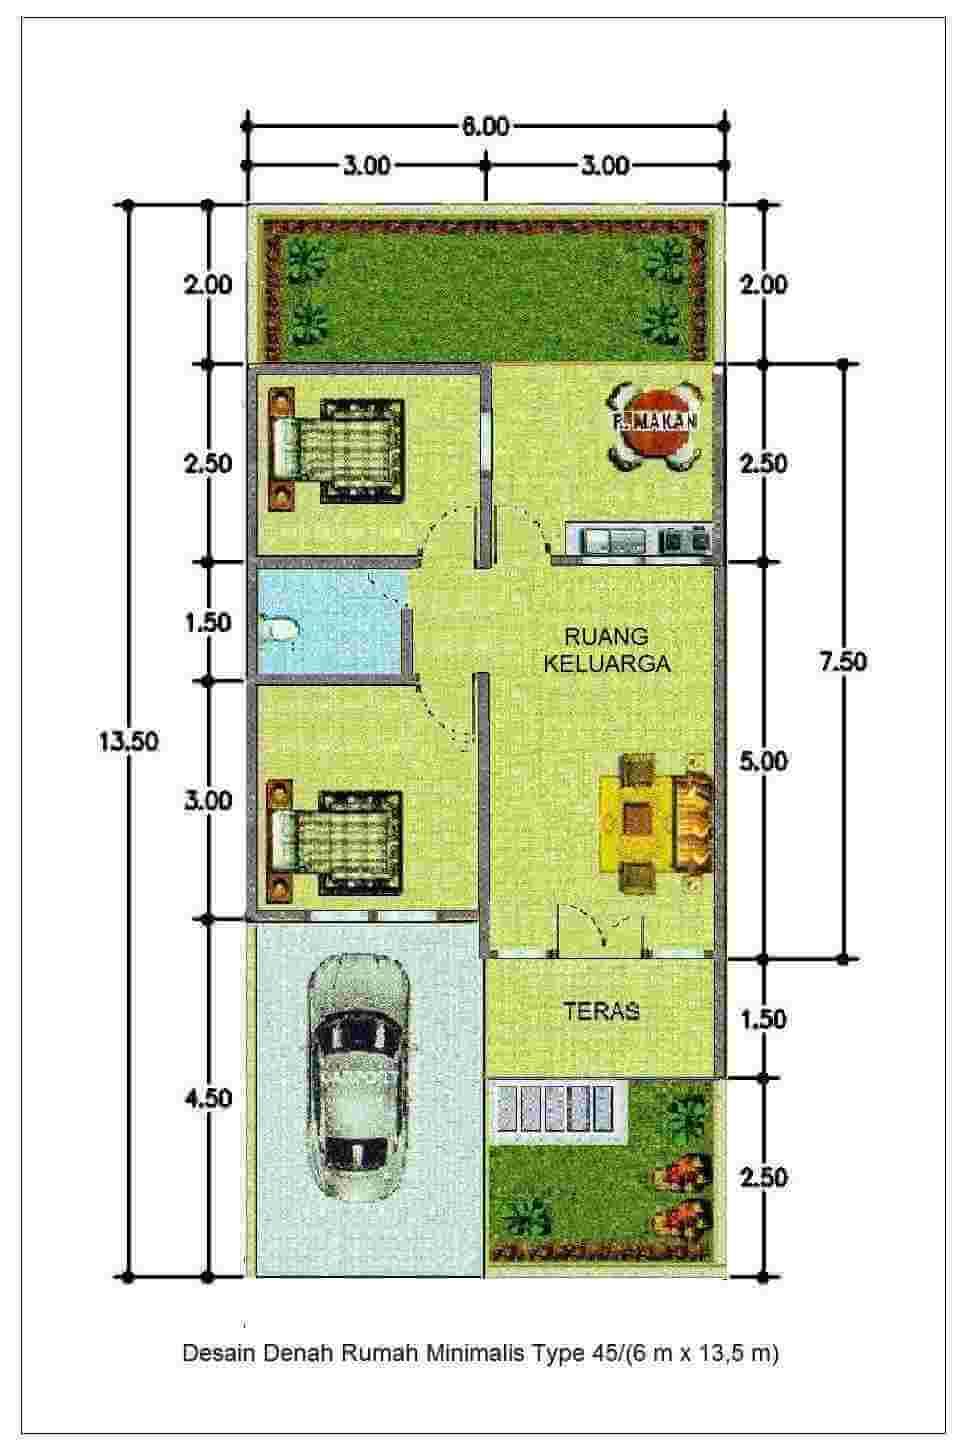 Denah Desain Rumah Memanjang Ke Belakang dengan Rincian Ukuran Rumah Type 45